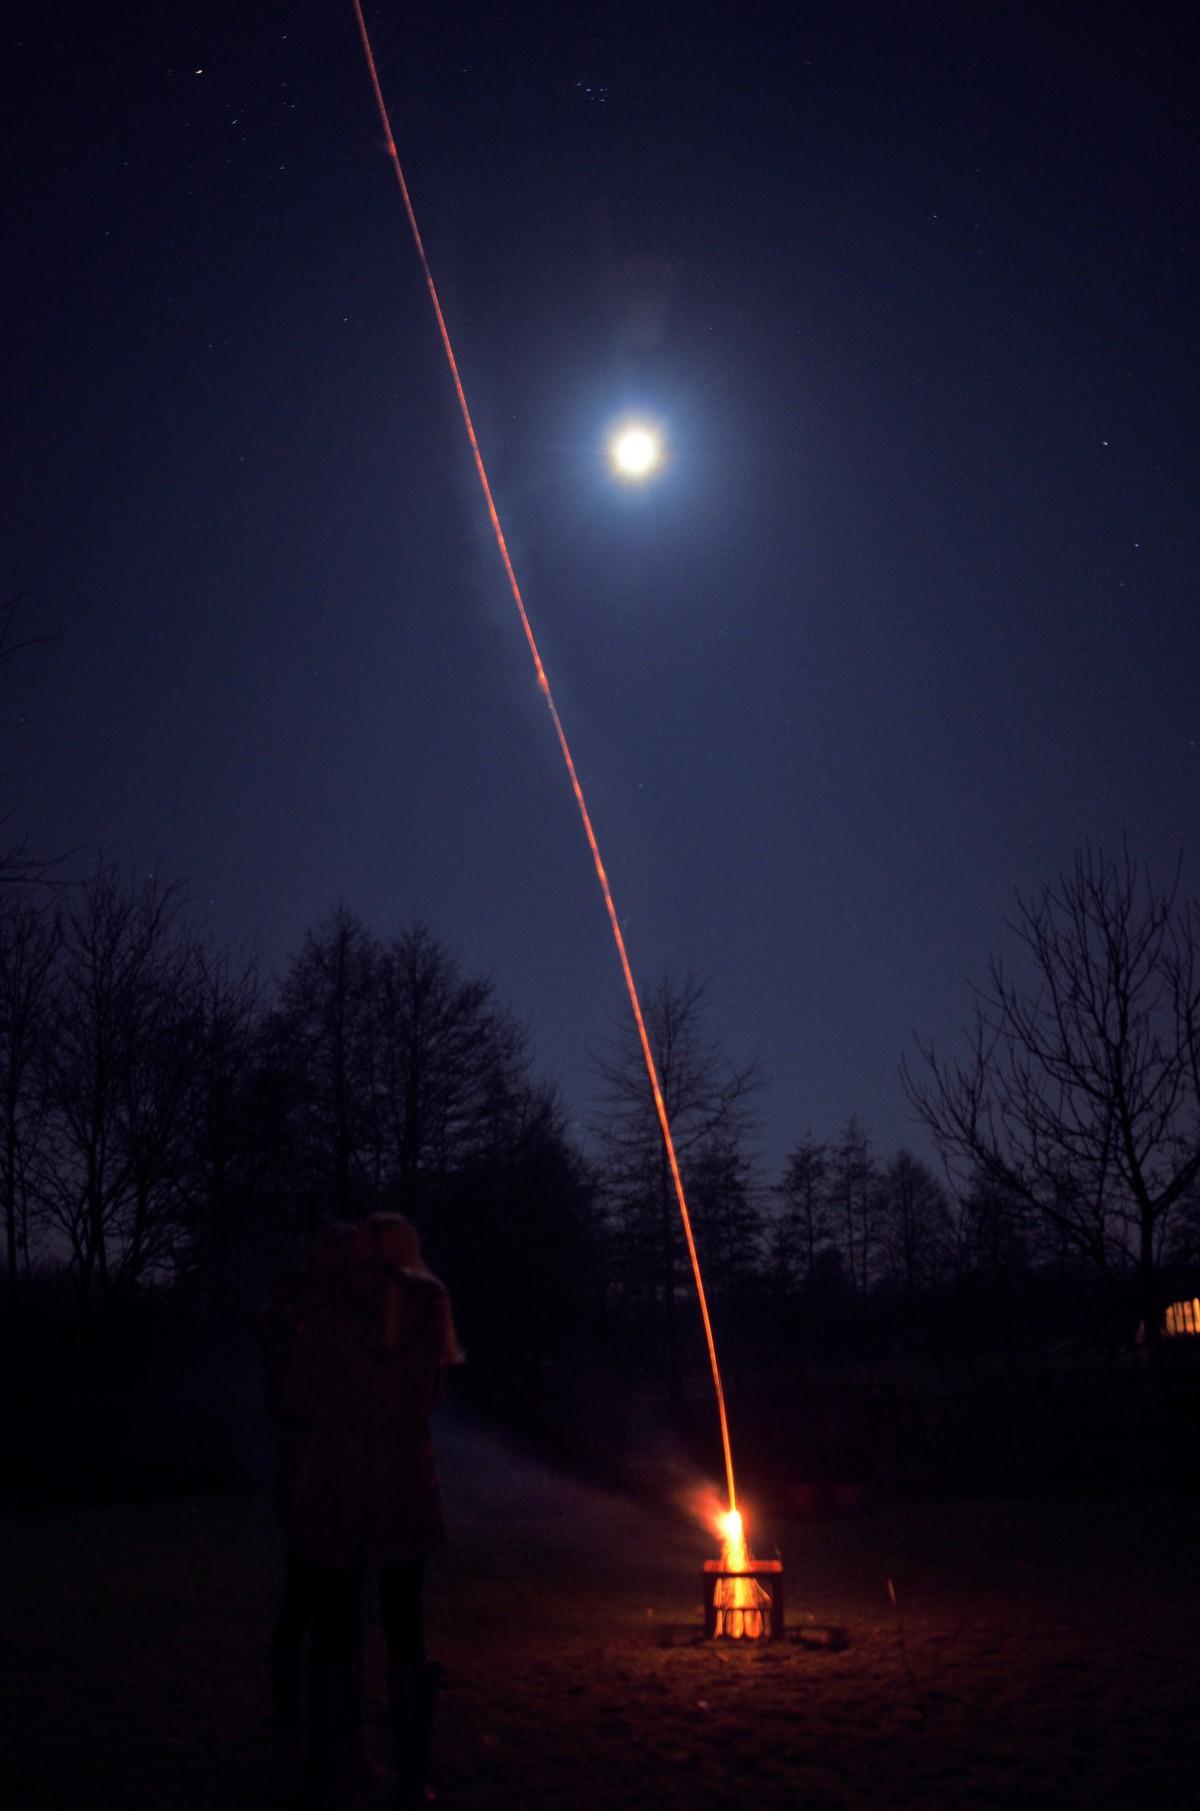 Kostenlose foto : Licht, Himmel, Nacht-, Abend, Feuer, Dunkelheit ...